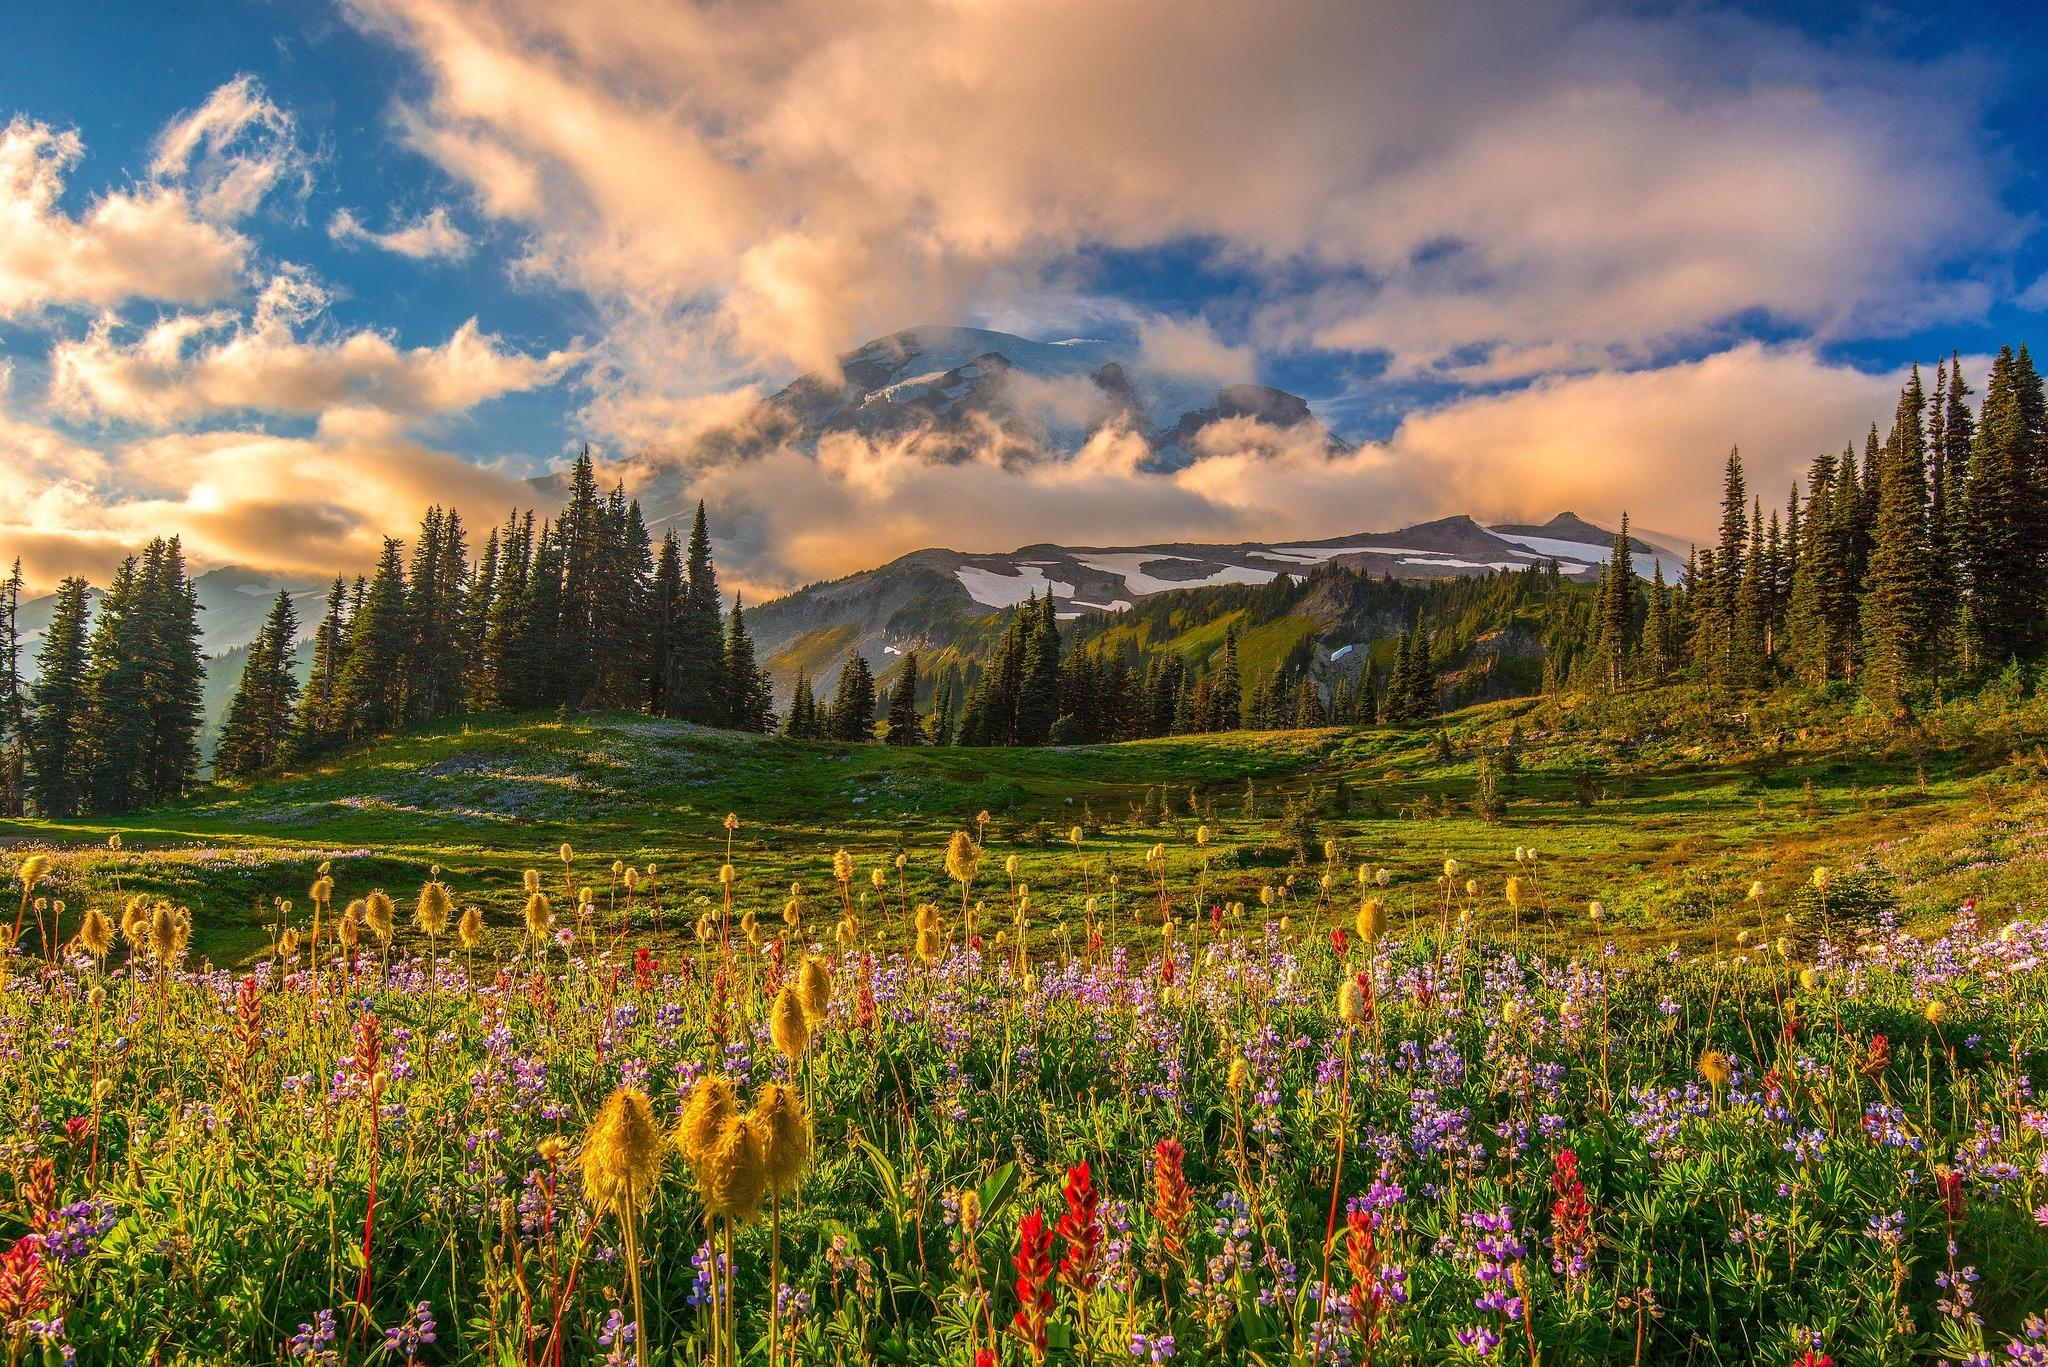 горы, ели, цветочная поляна  № 3587000 без смс